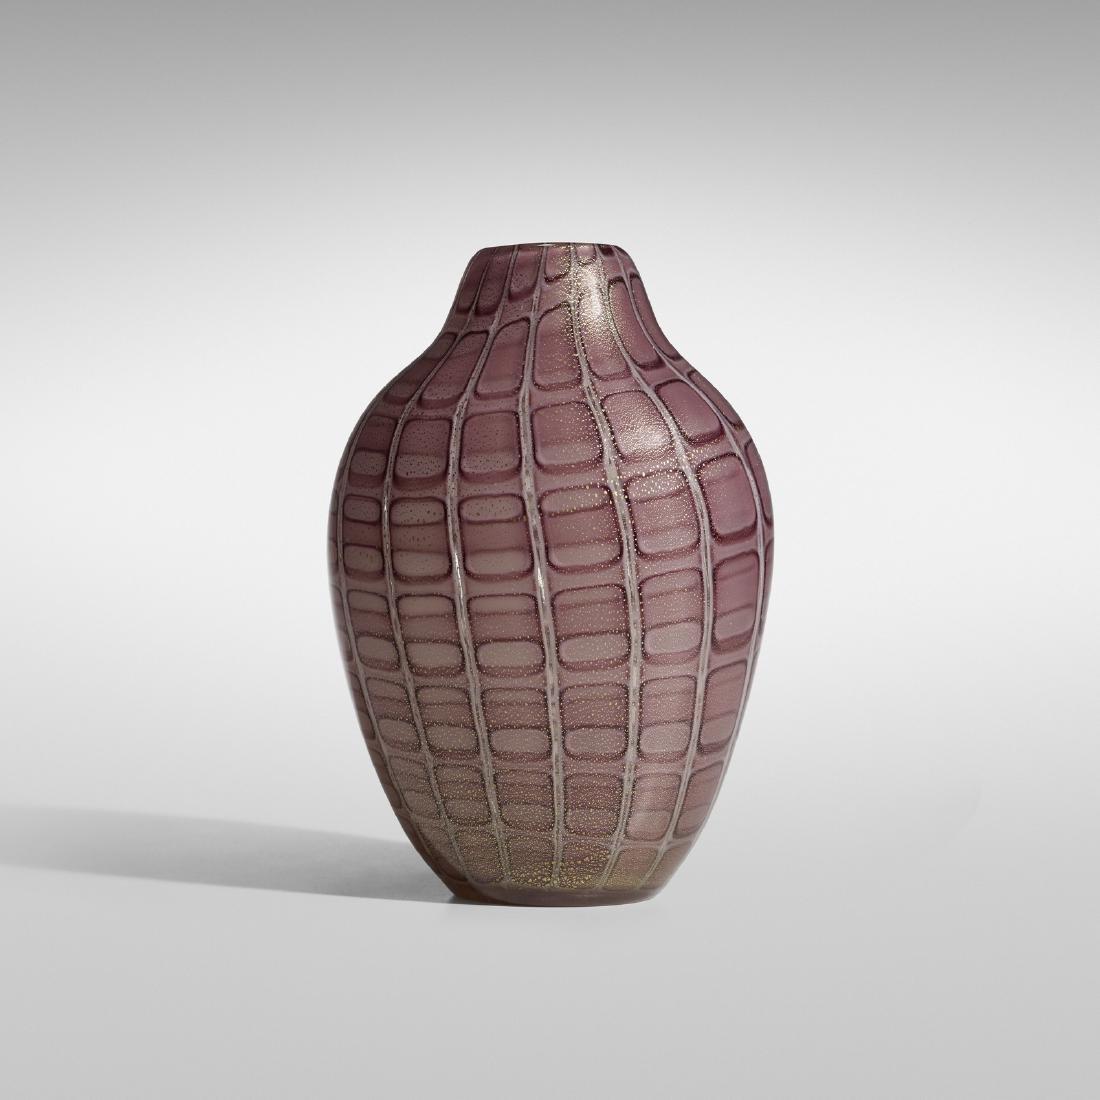 Archimede Seguso, A Losanghe vase, model 5850